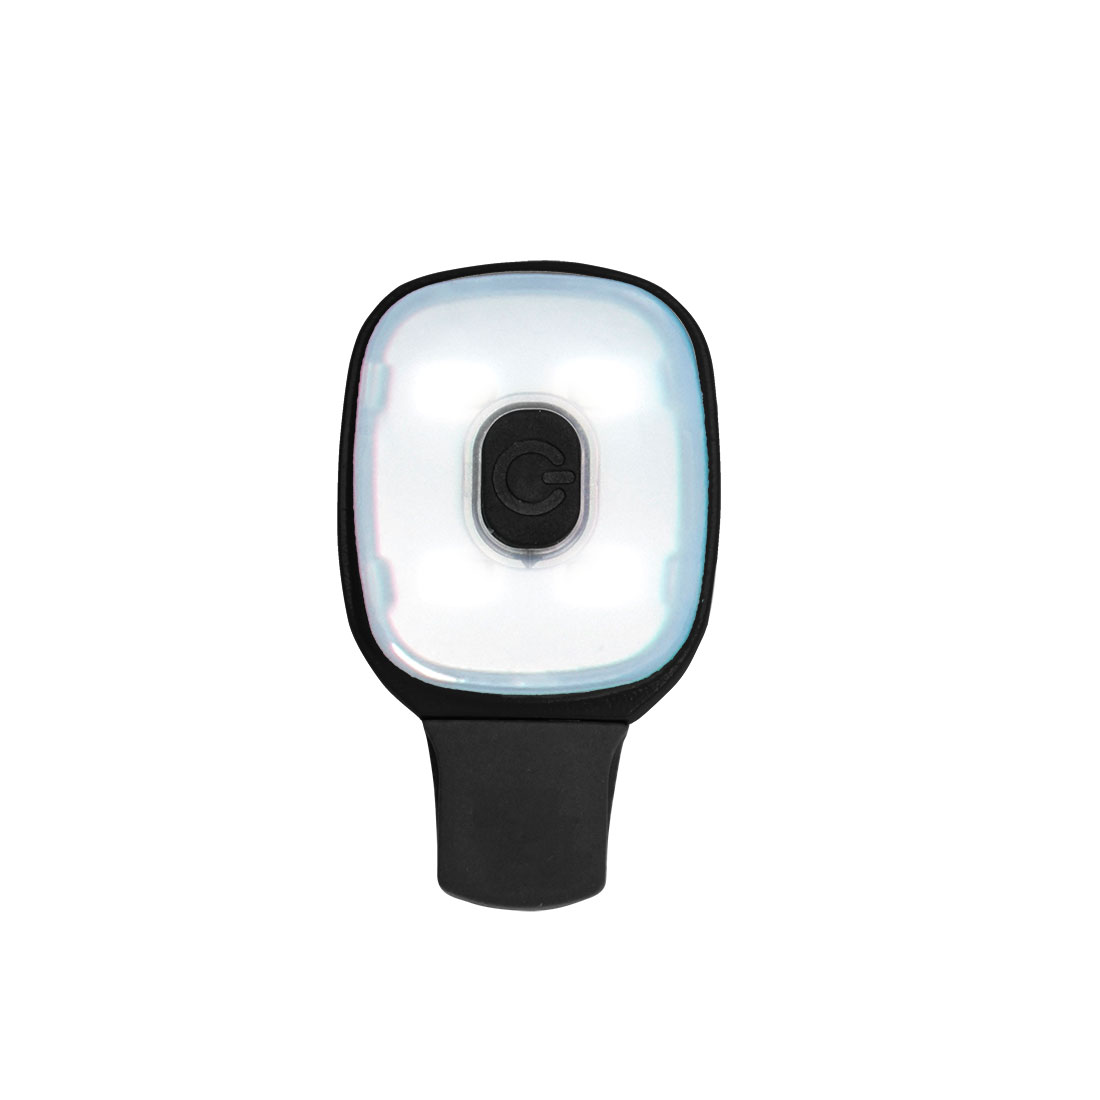 USB Rechargable Light Clip, Black  R/Fit